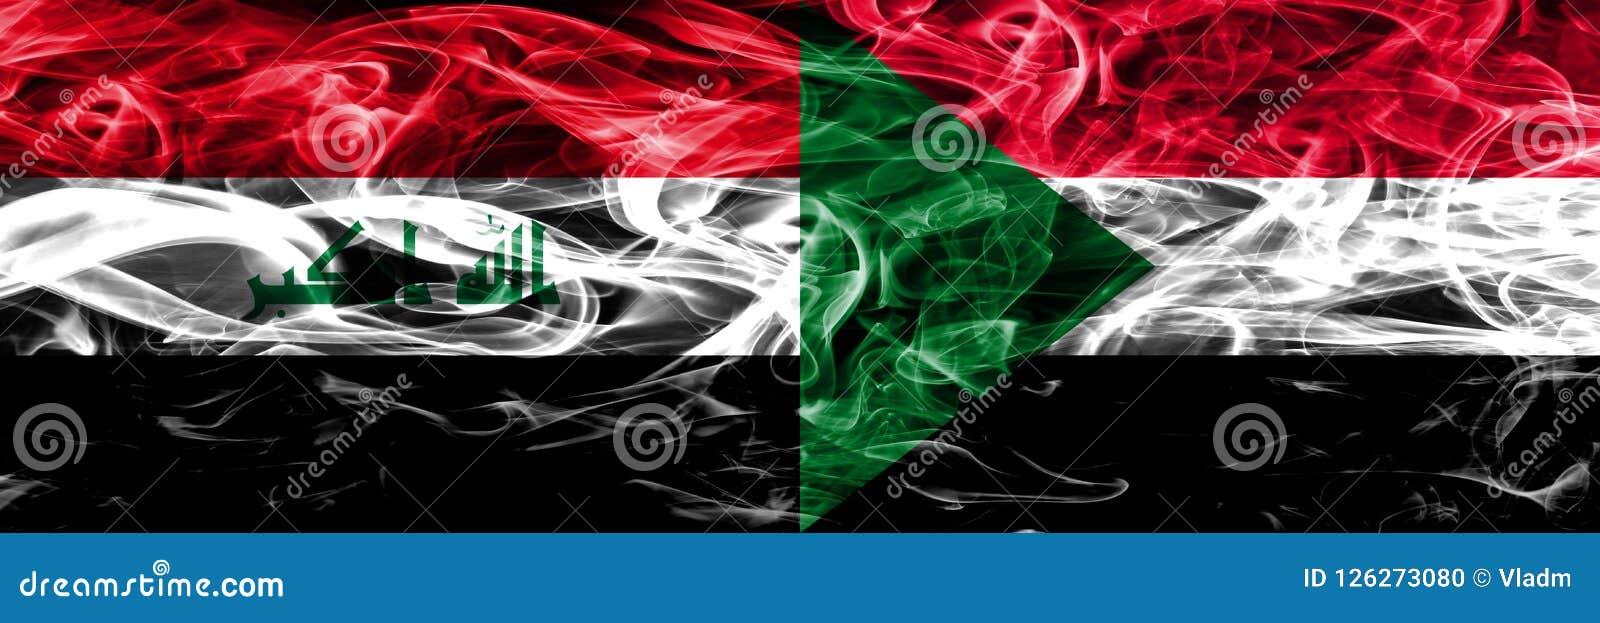 Iraq contra las banderas coloridas del humo del concepto de Sudán colocadas de lado a lado Ilustración del Vector